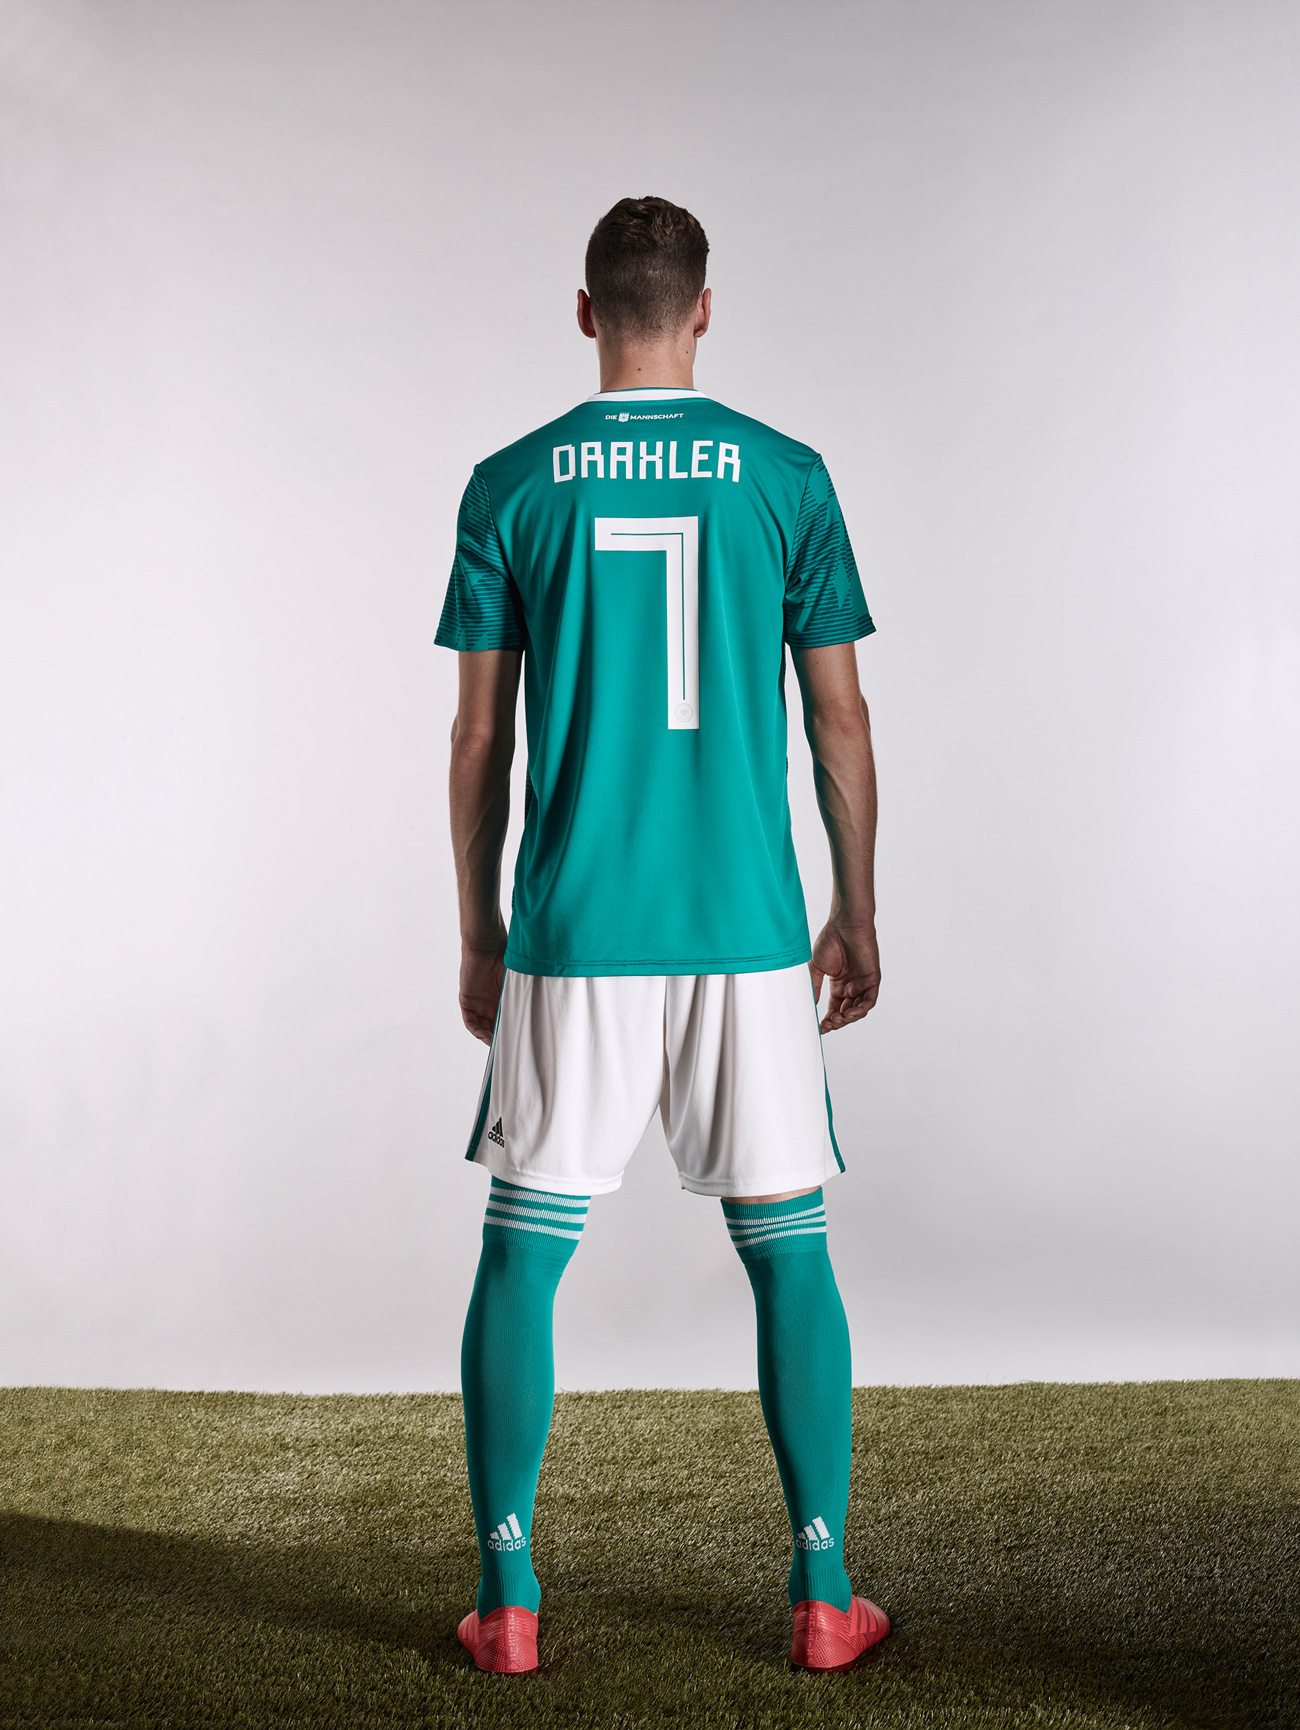 Fußball-Trikots in der Designkritik, WM 2018